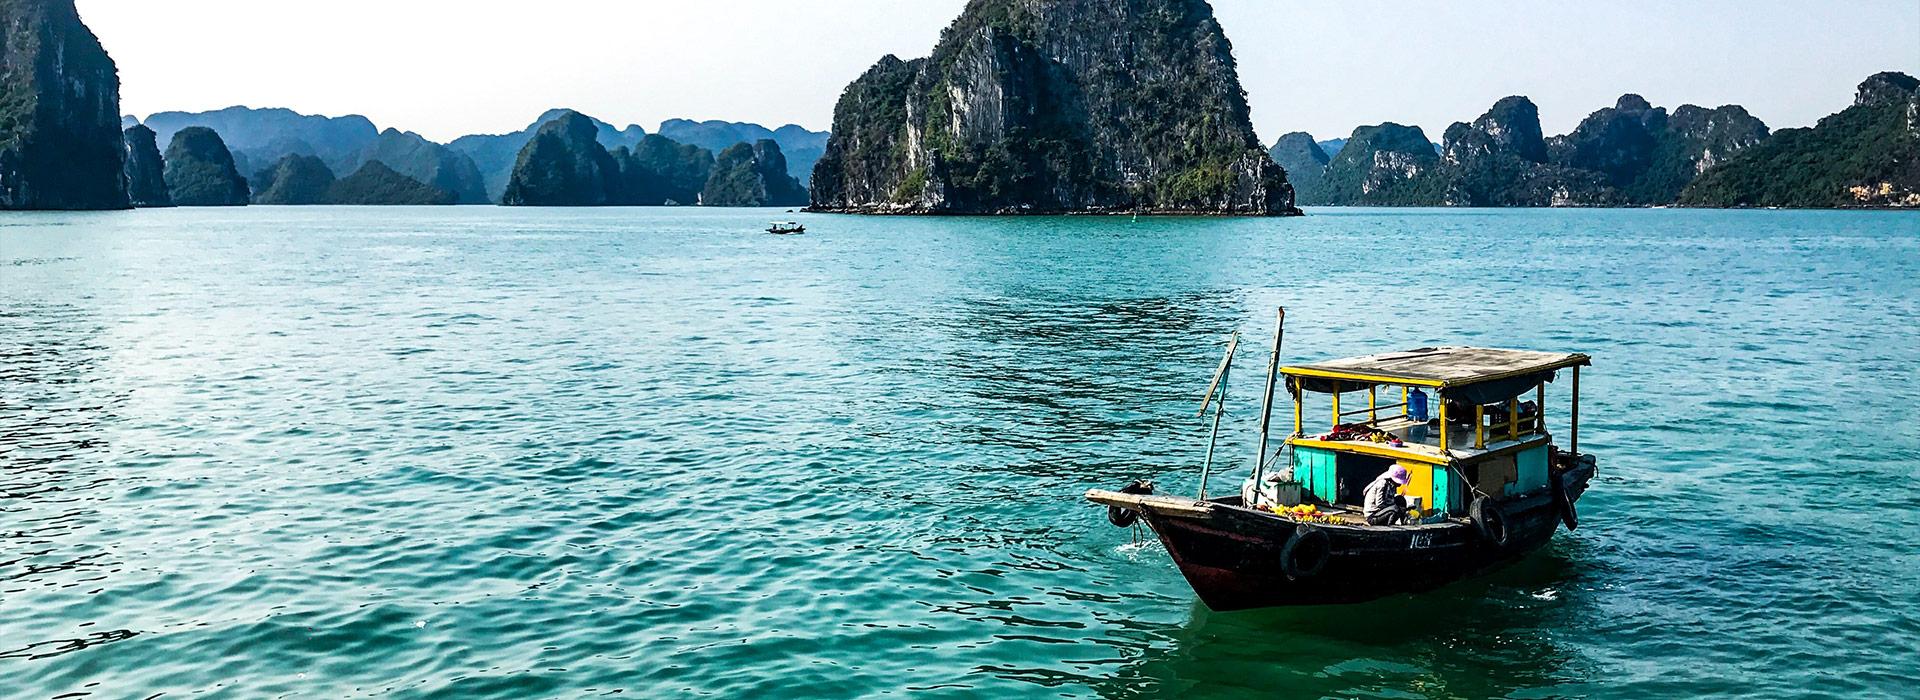 Reisen nach Vietnam - Individuelle Reisen nach Vietnam - Harry Kolb AG - Tourismus